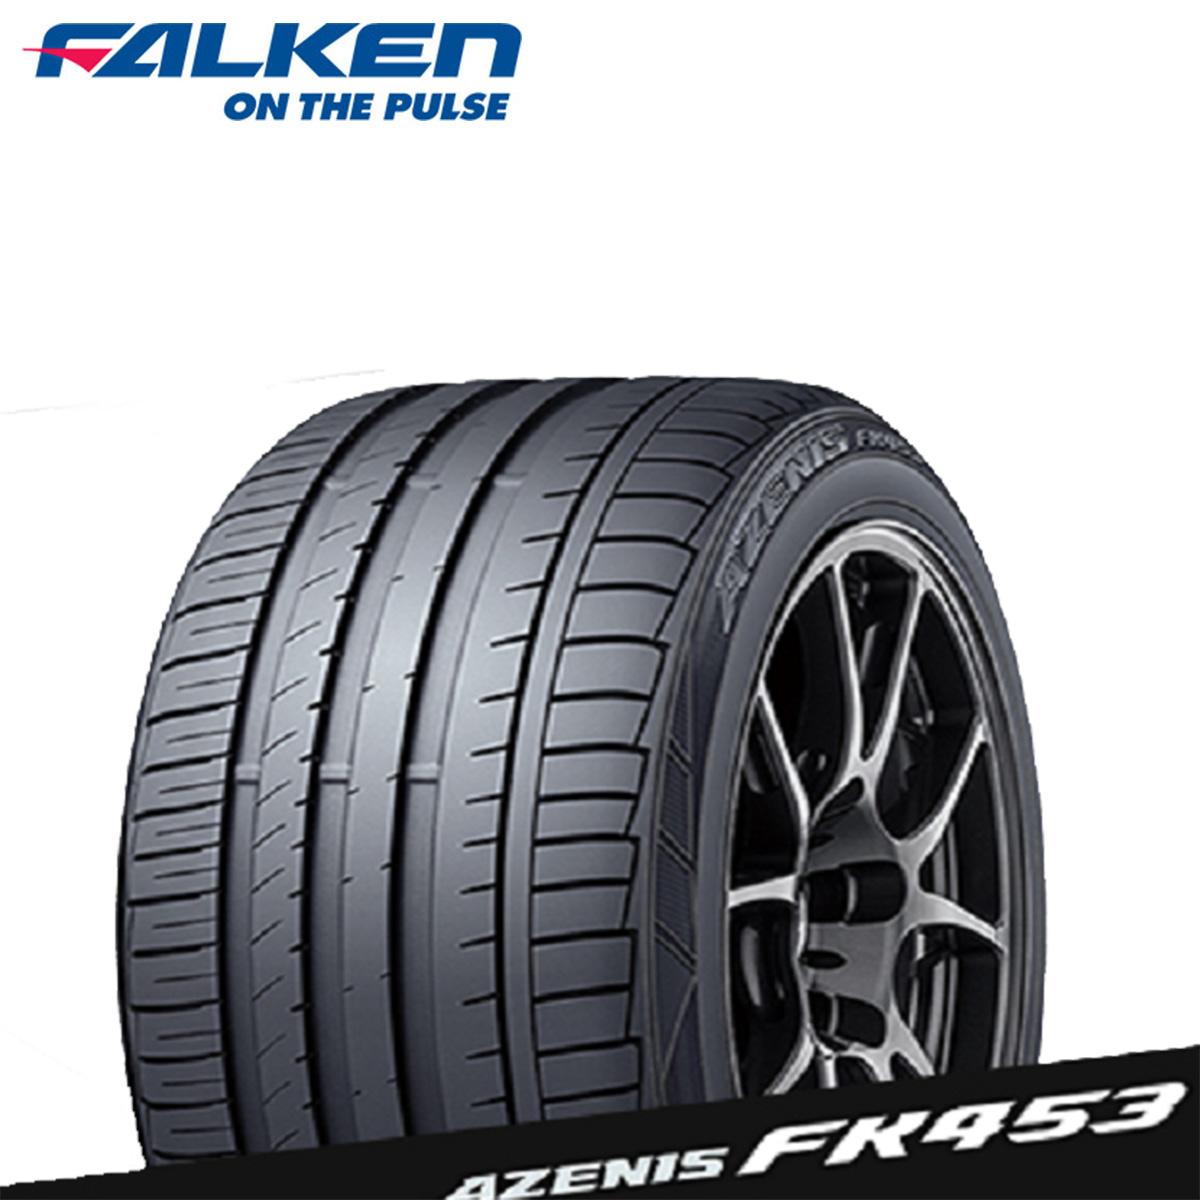 FALKEN ファルケン プレミアムフラッグシップ サマータイヤ 2本 19インチ 215/35R19 AZENIS FK435 アゼニス